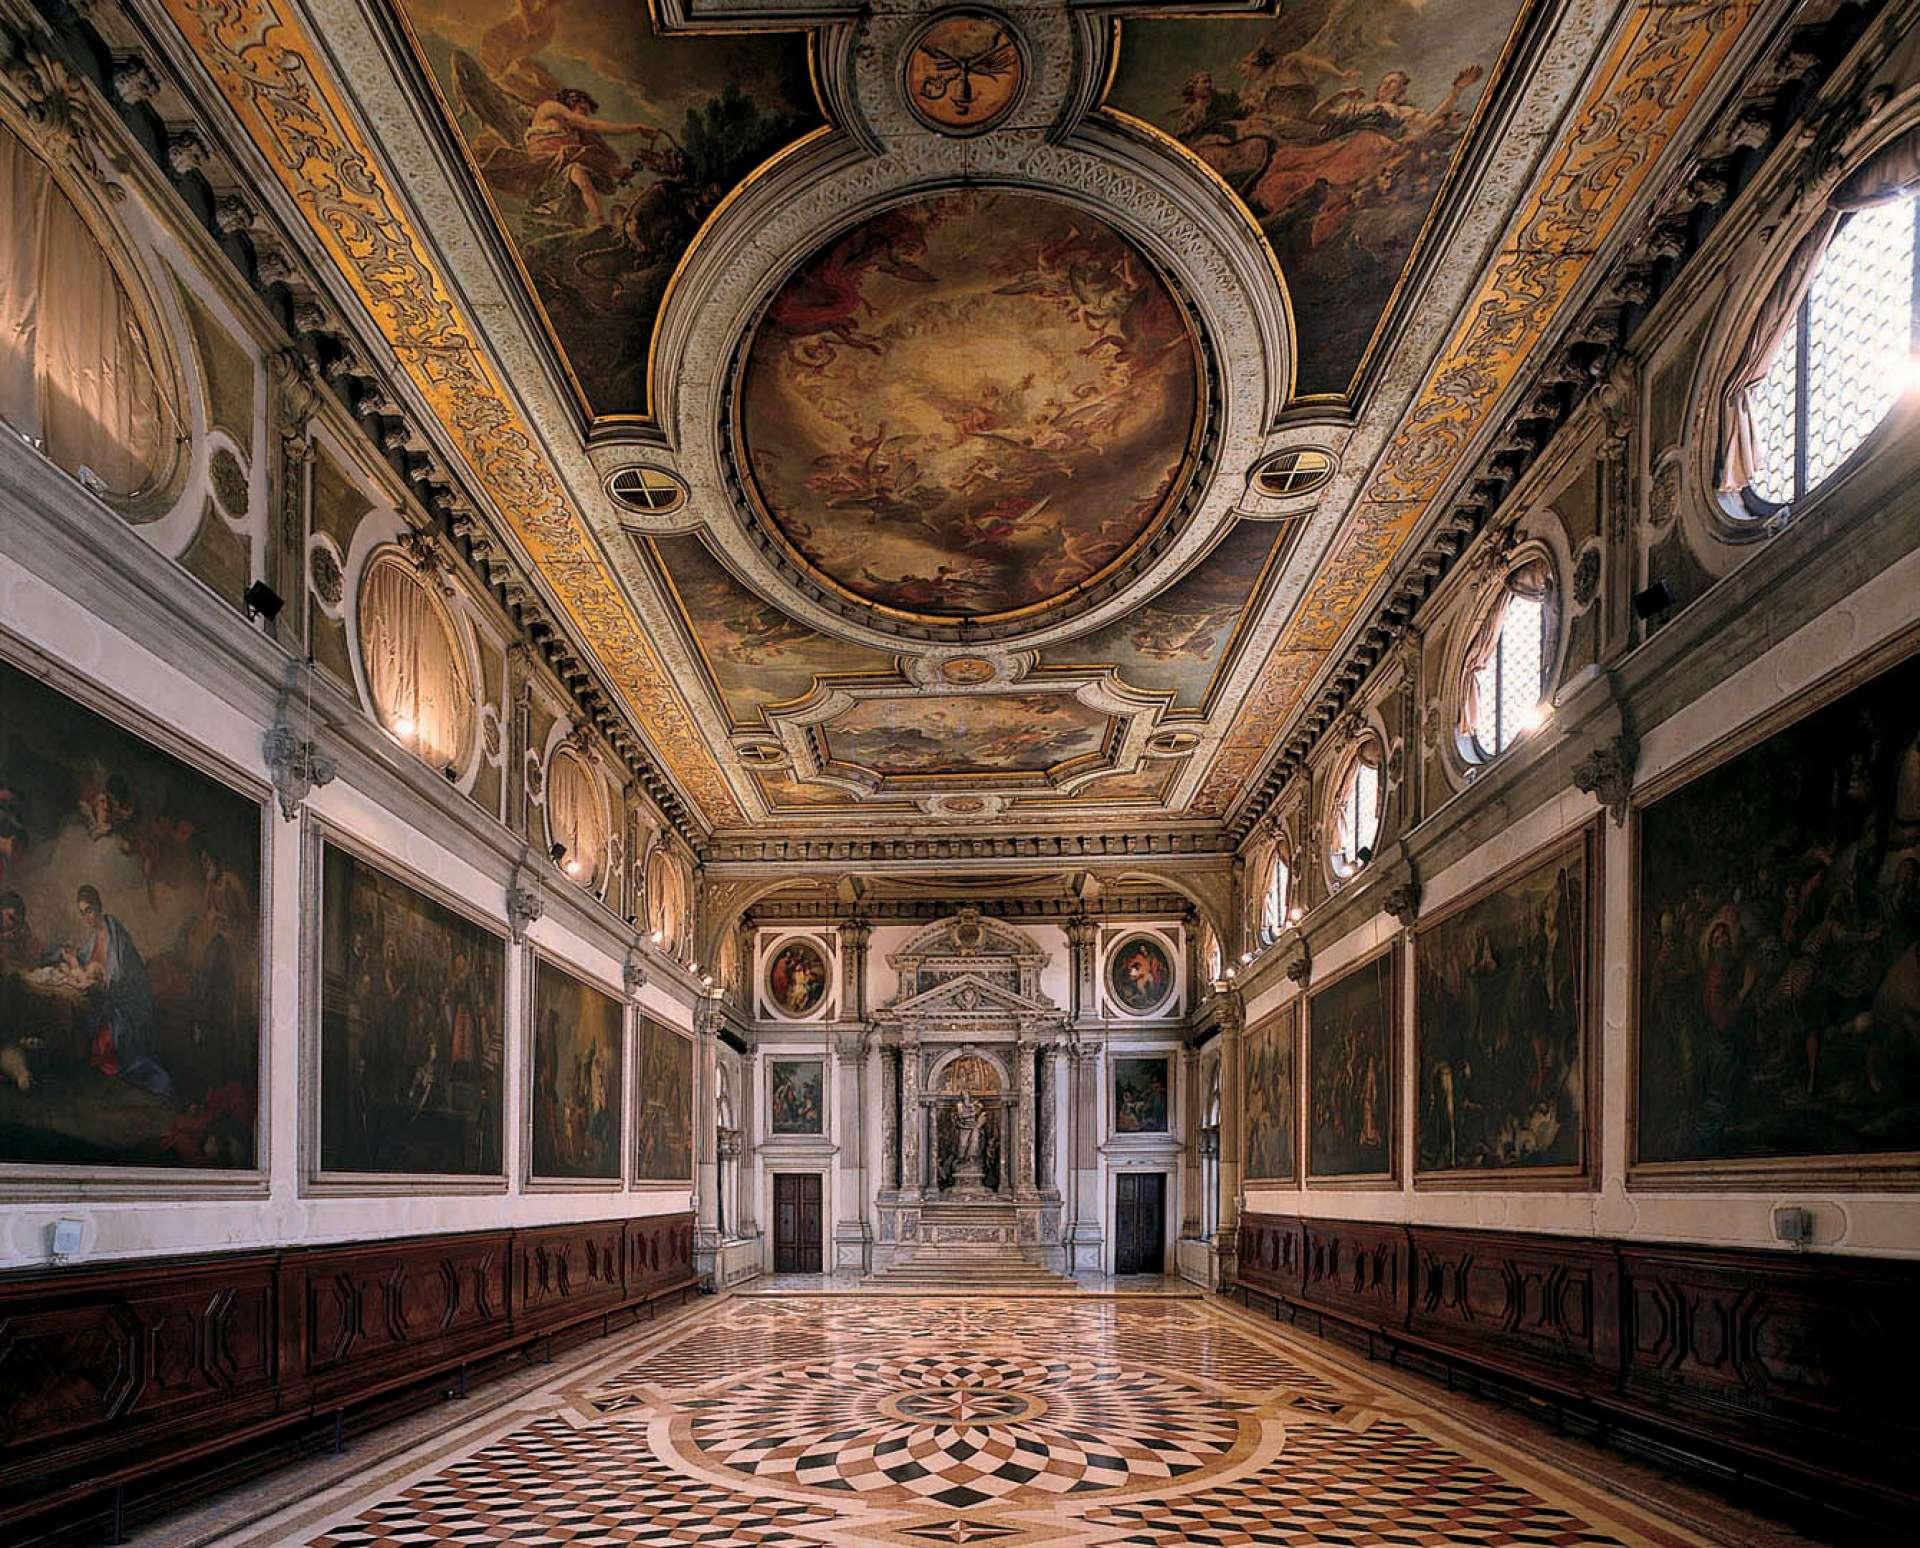 A Guide to the Scuole Grandi of Venice